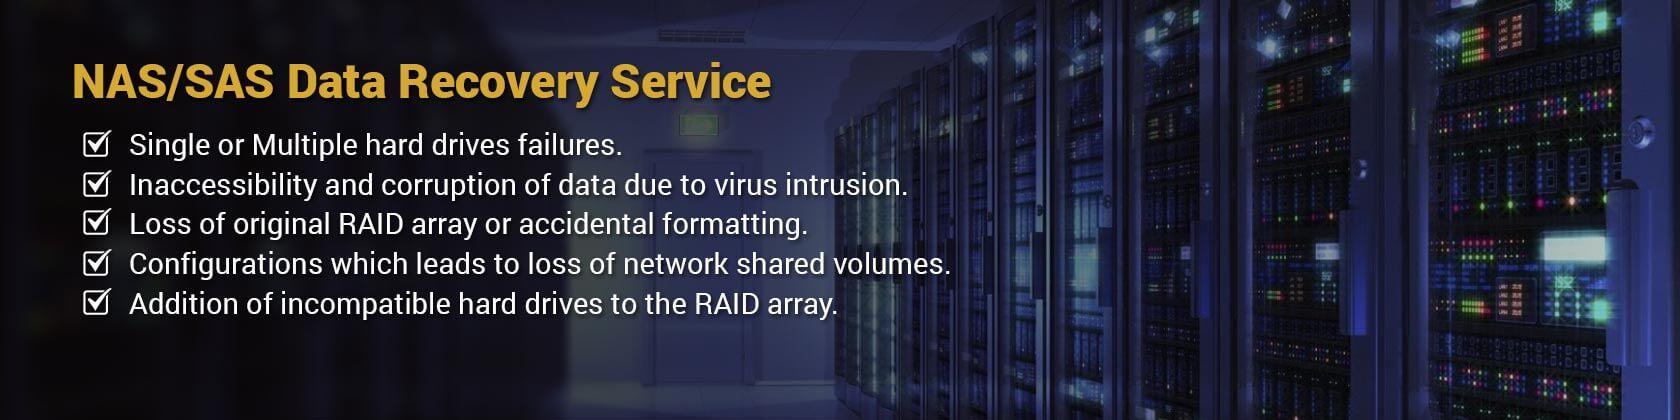 NAS/SAS data recovery